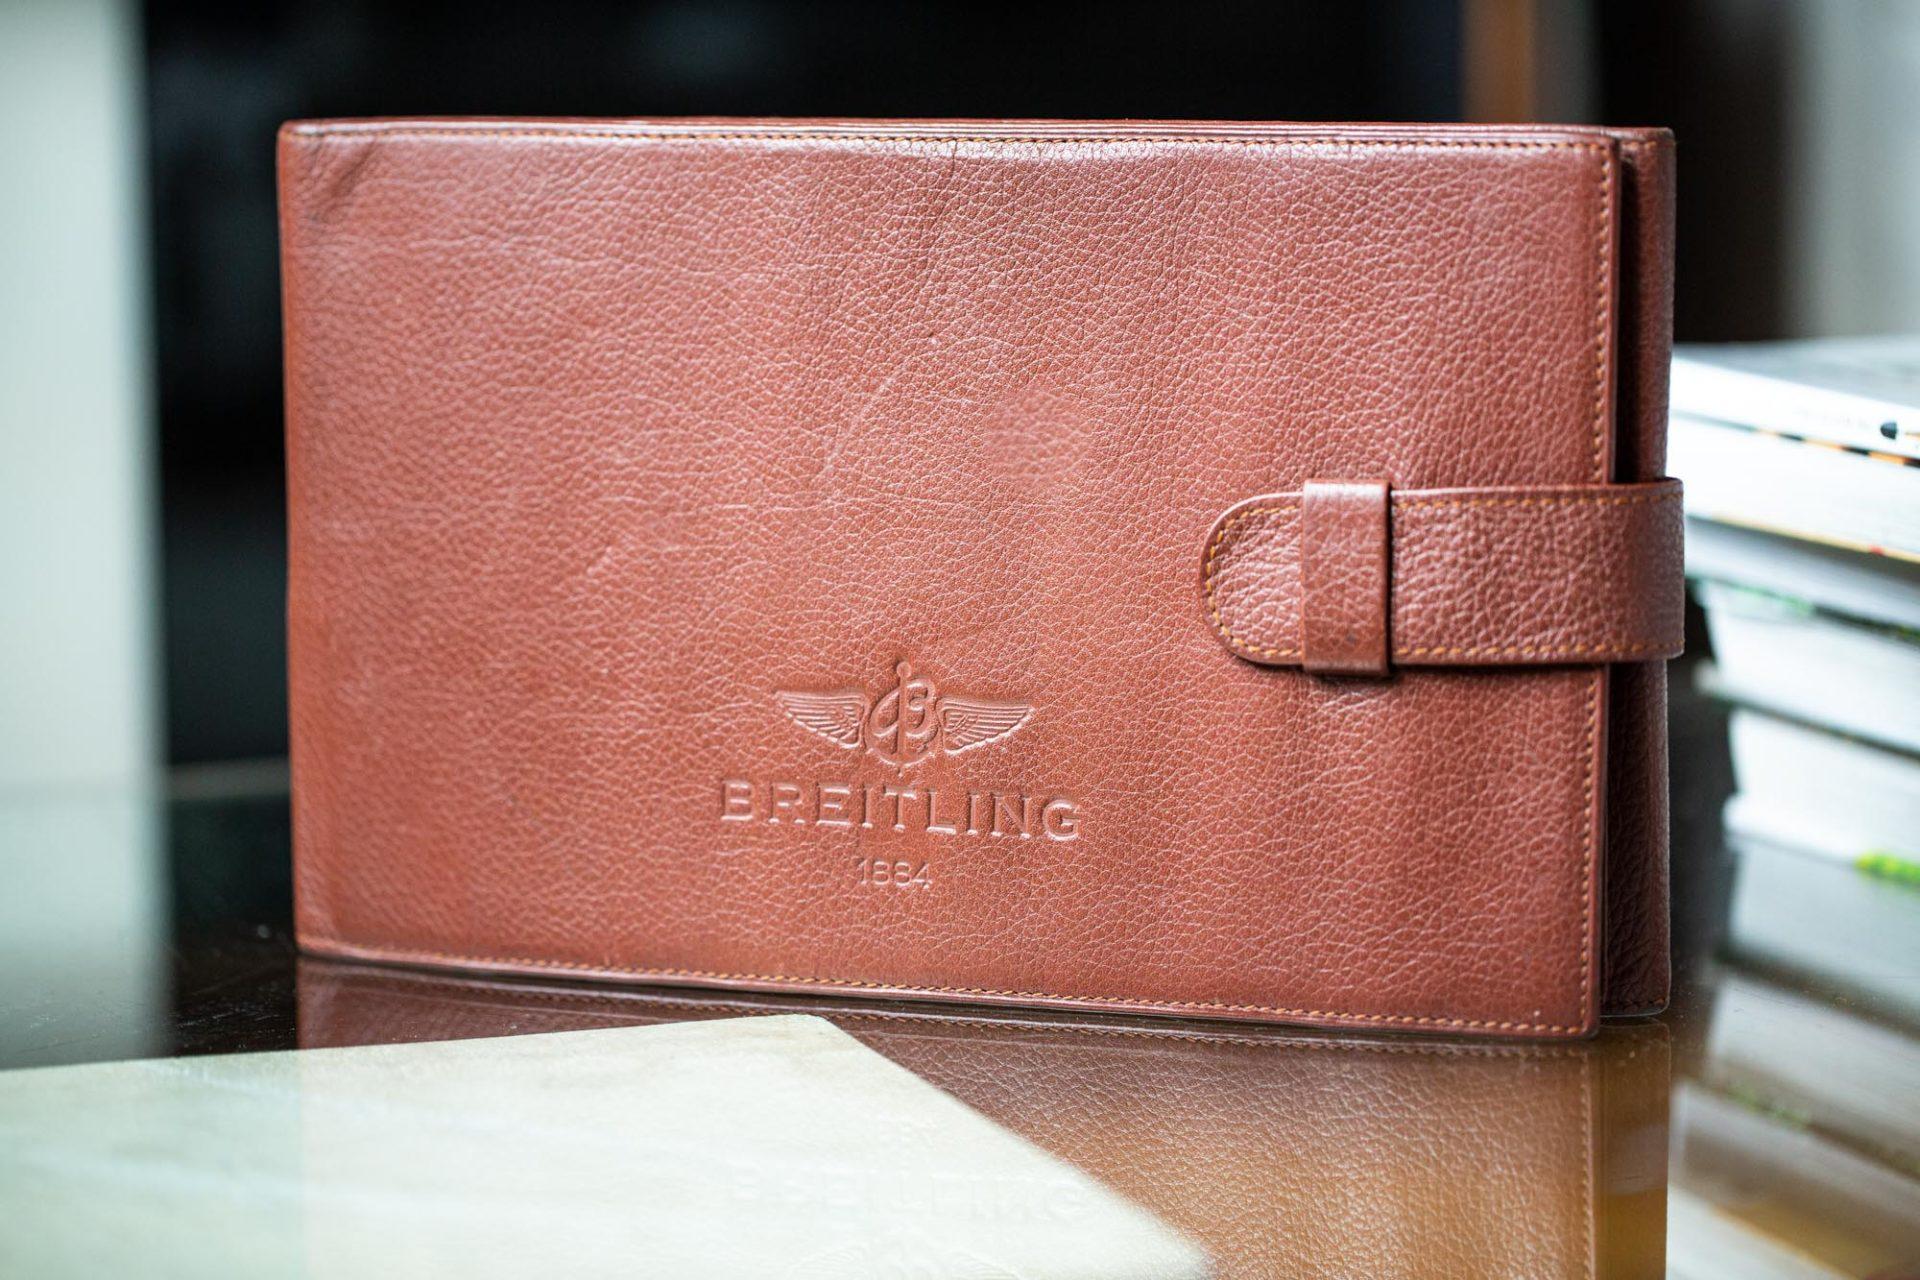 Breitling - Marmotte à bracelets - Les Objets chez Joseph Bonnie